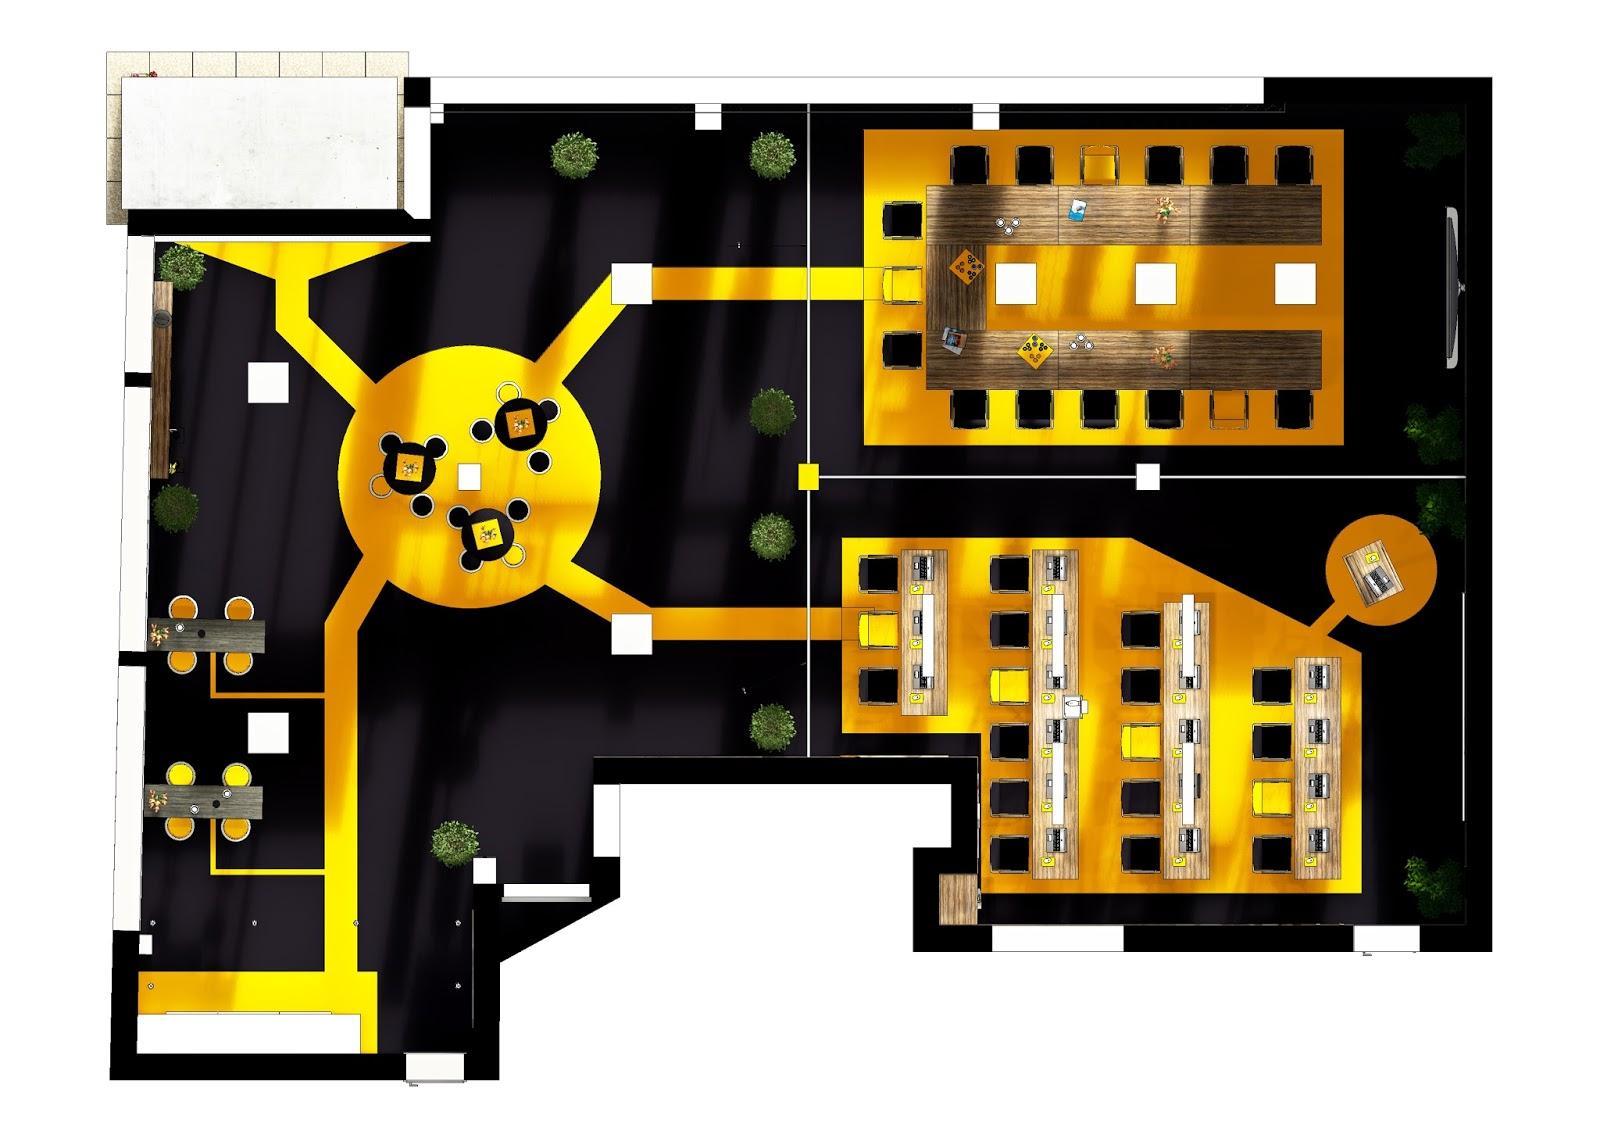 badplaner gratis finest badplaner gratis with badplaner. Black Bedroom Furniture Sets. Home Design Ideas